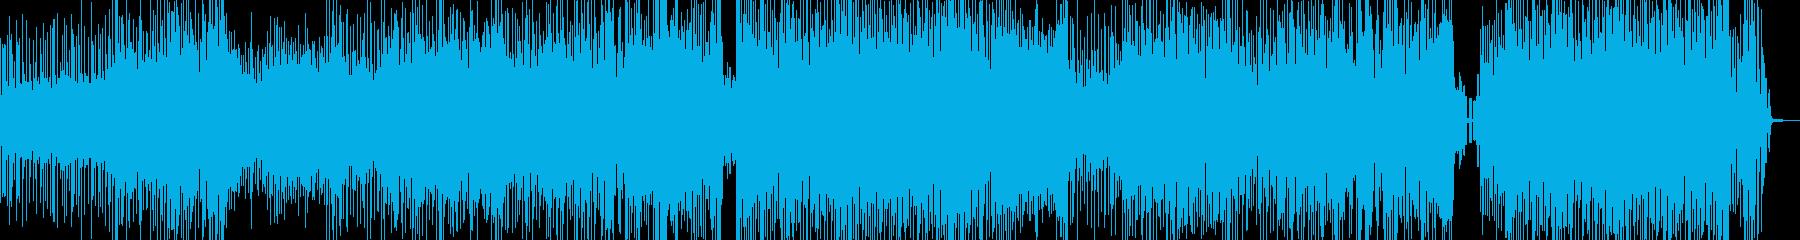 クセになるメロディの三味線テクノ+掛け声の再生済みの波形